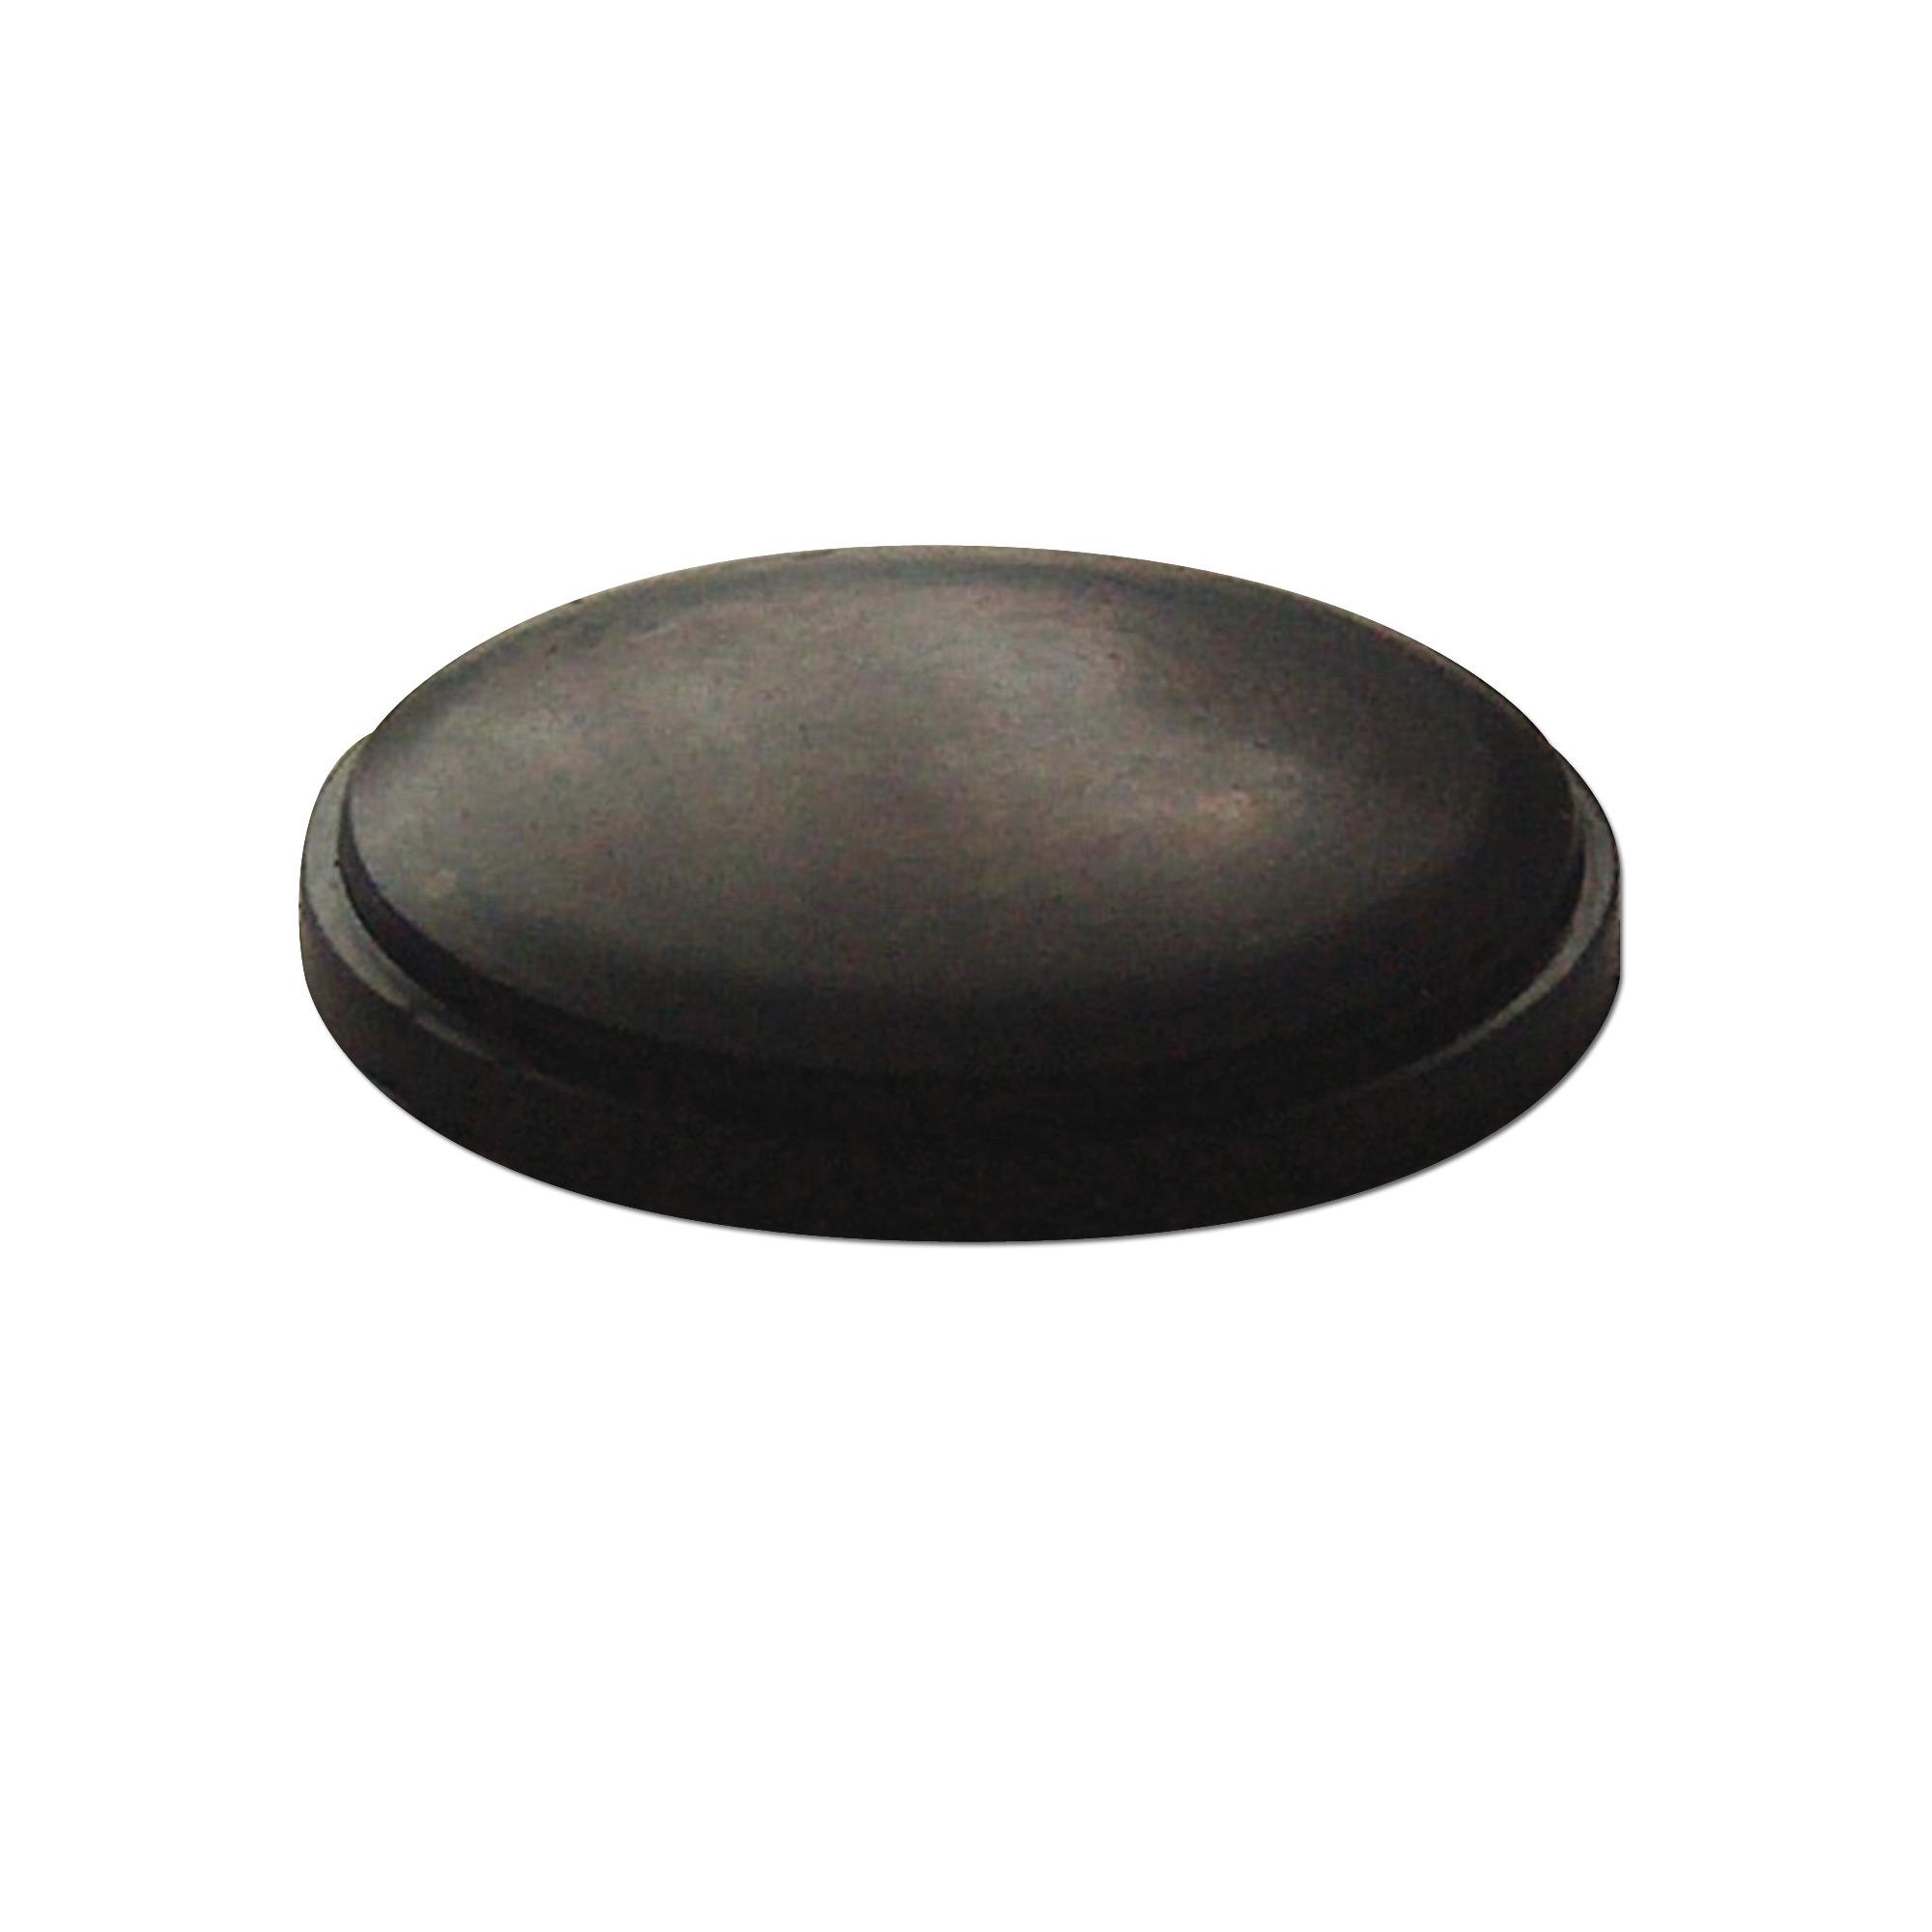 Mag-Lite bouton en caoutchouc